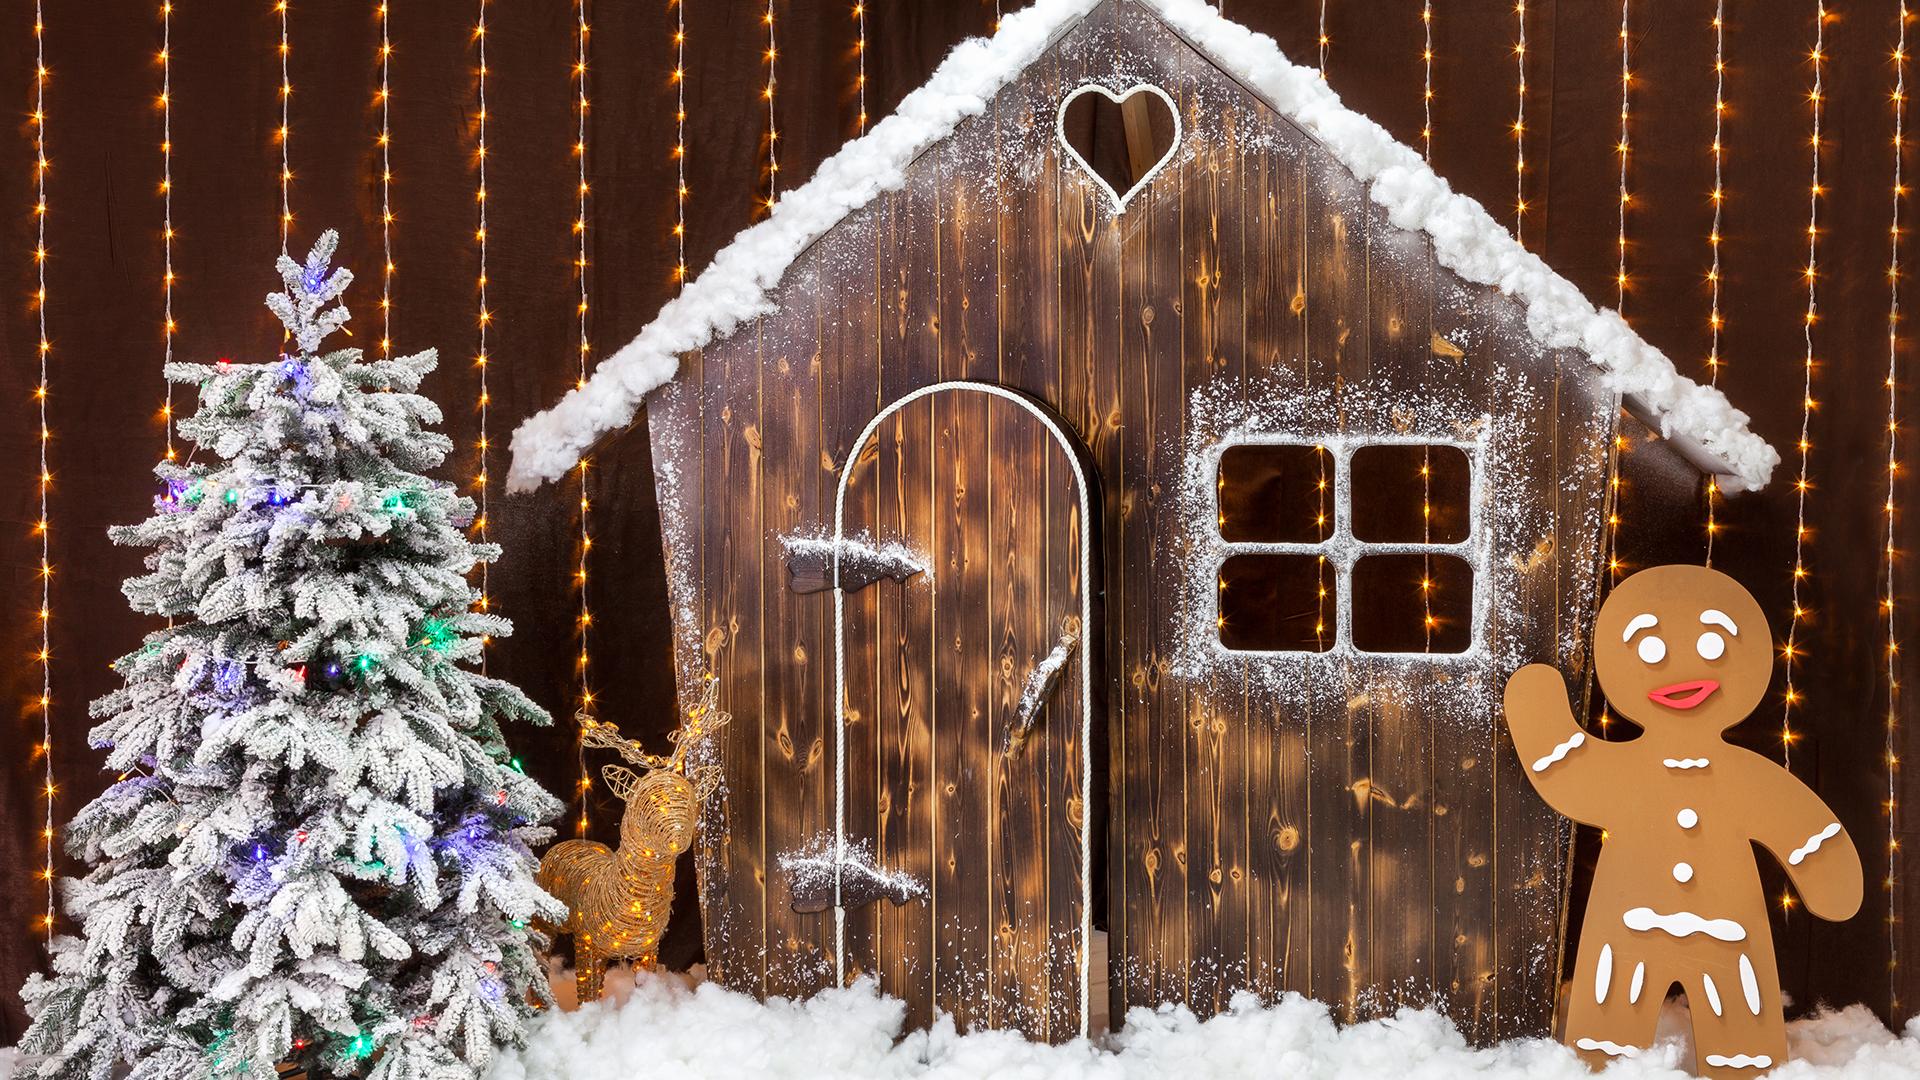 Ταξίδι στη Λαπωνία | Δείτε το χωριό του Αγιου Βασιλη τα Χριστούγεννα και την Πρωτοχρονιά | Δείτε από κοντά ταρανδους, χάσκι, κάντε βόλτα με snowmobiles και ζήστε τα Χριστούγεννα πιο αυθεντικά από ποτέ!